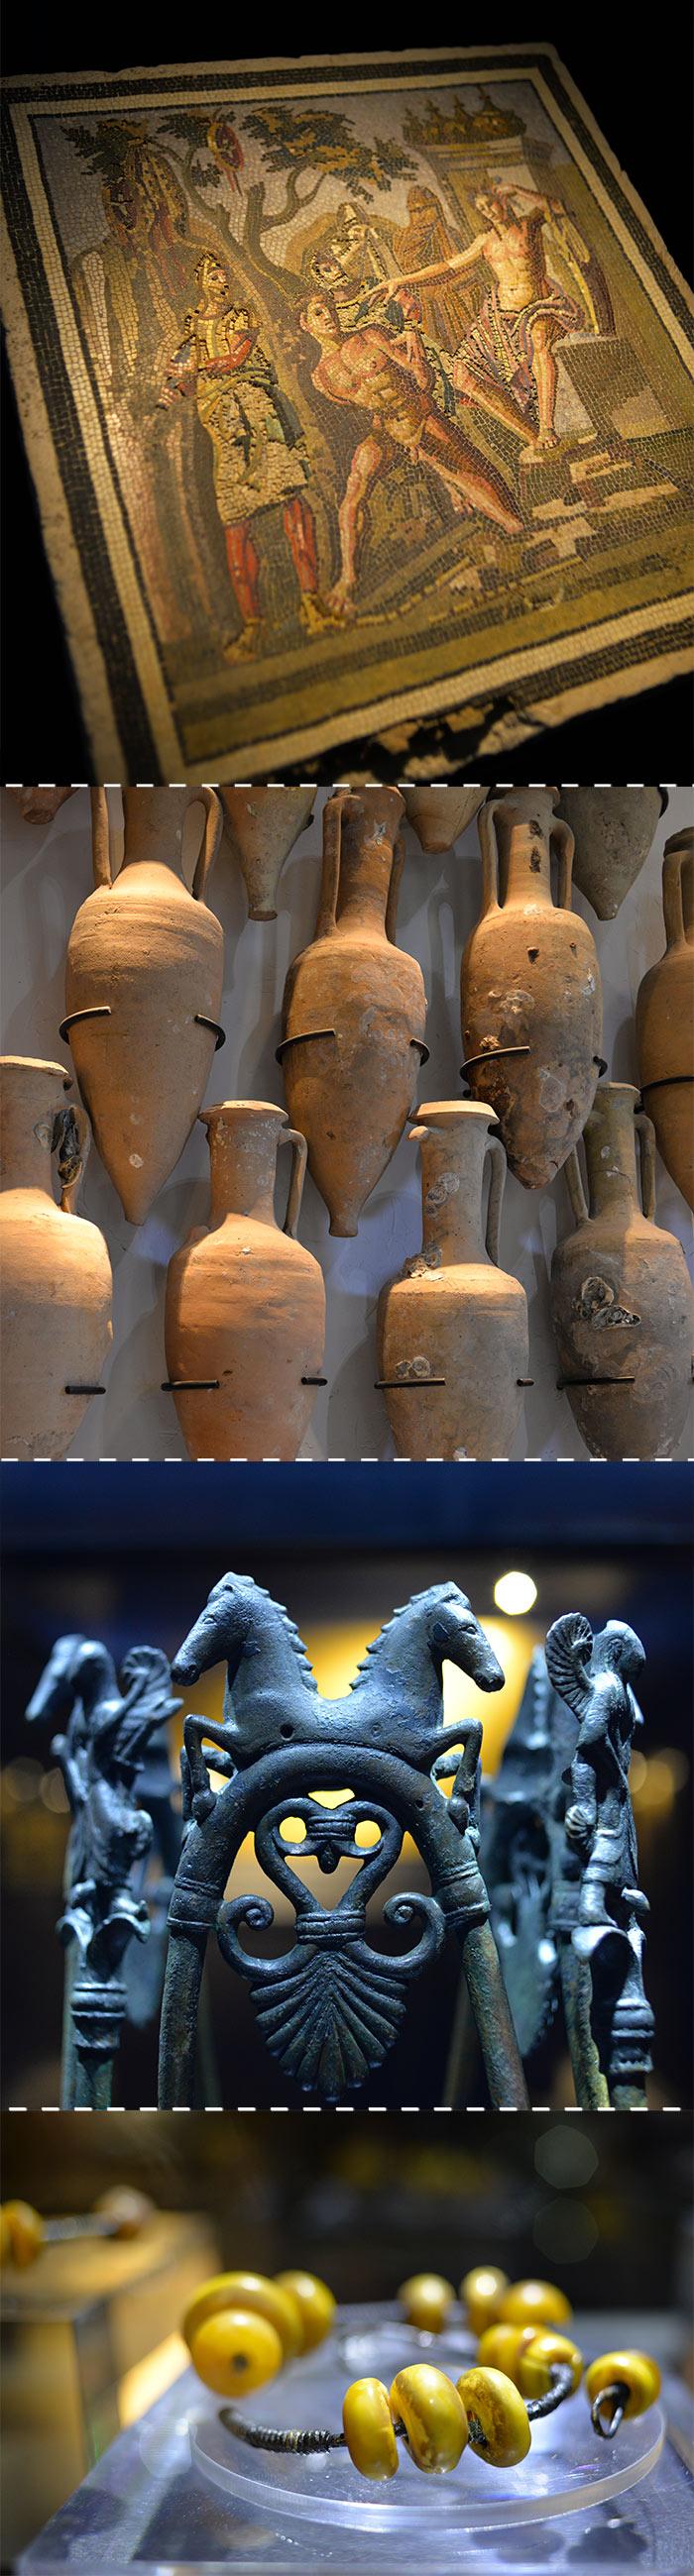 musée de l'éphèbe cap d'agde